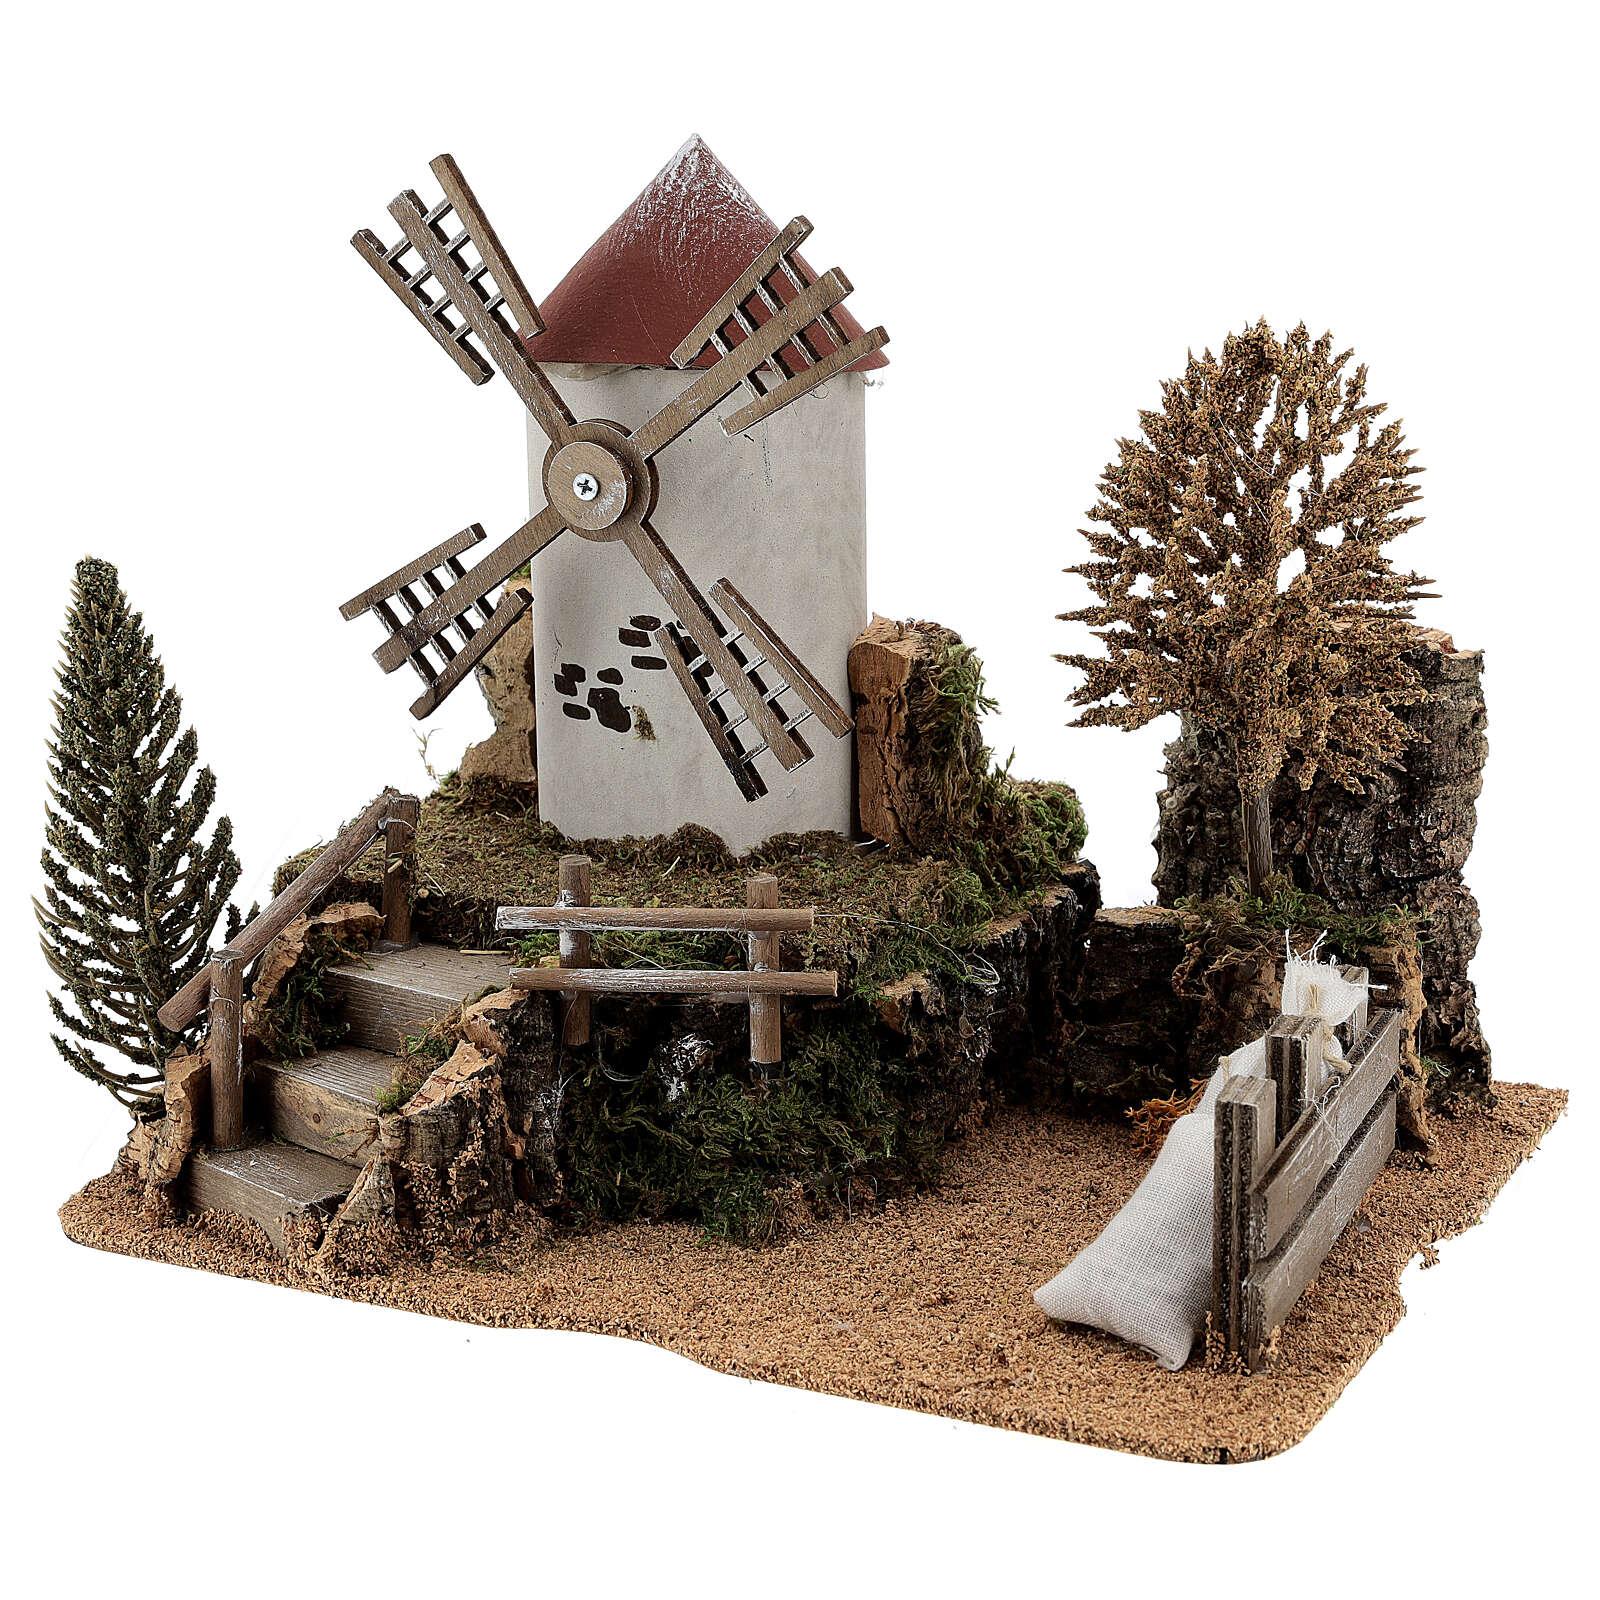 Paysage moulin à vent électrique crèche 6-8 cm 25x30x20 cm 4